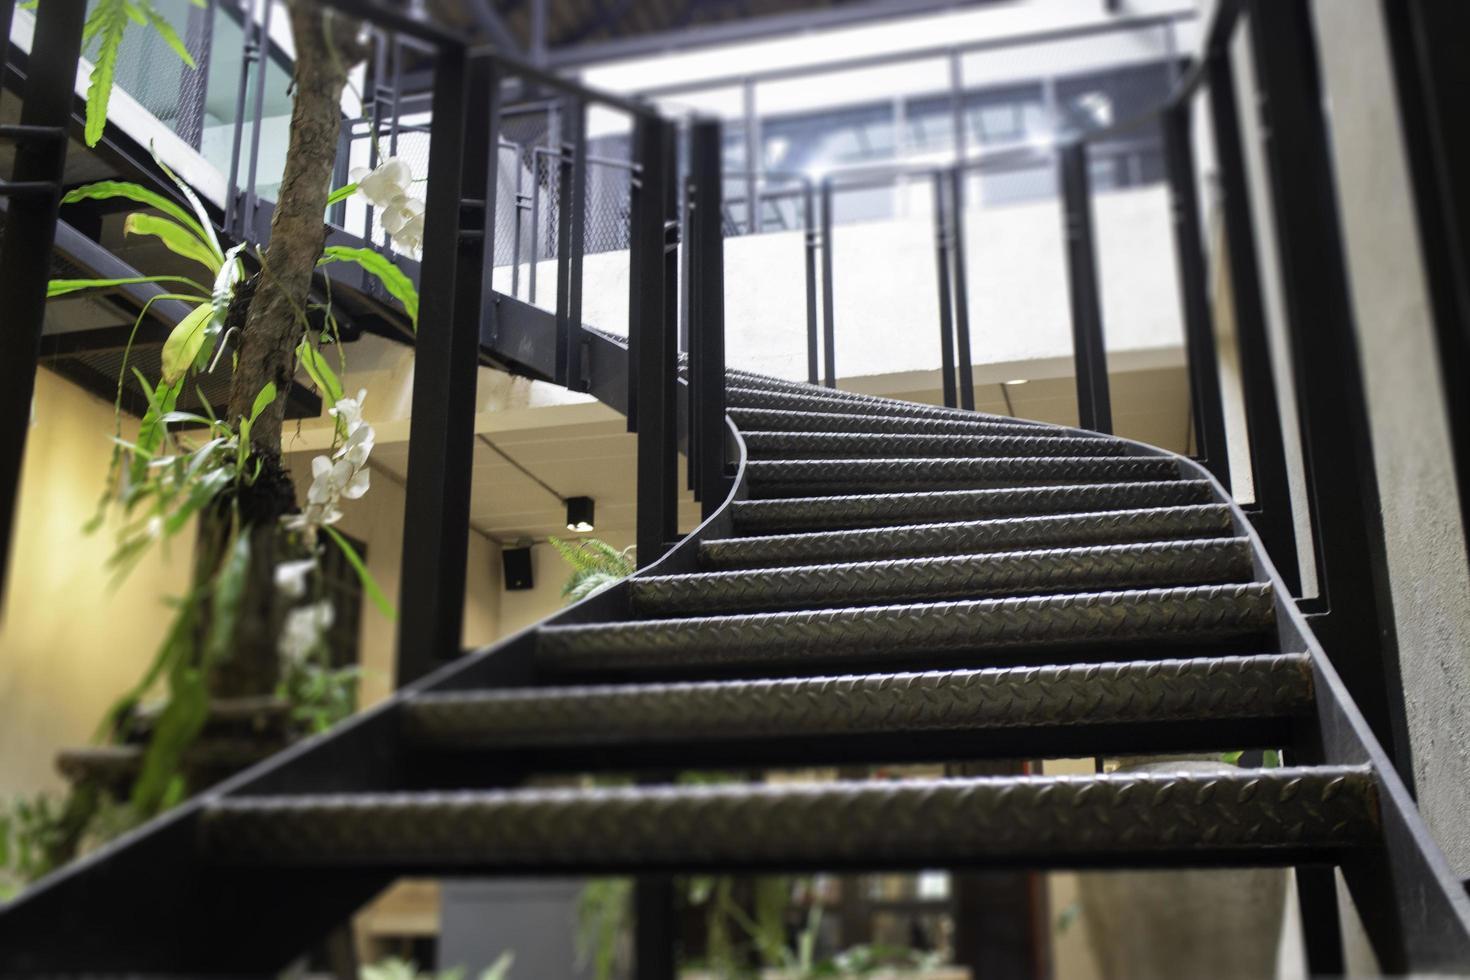 Foglie Verdi Pianta Interno Accogliente Caffetteria foto